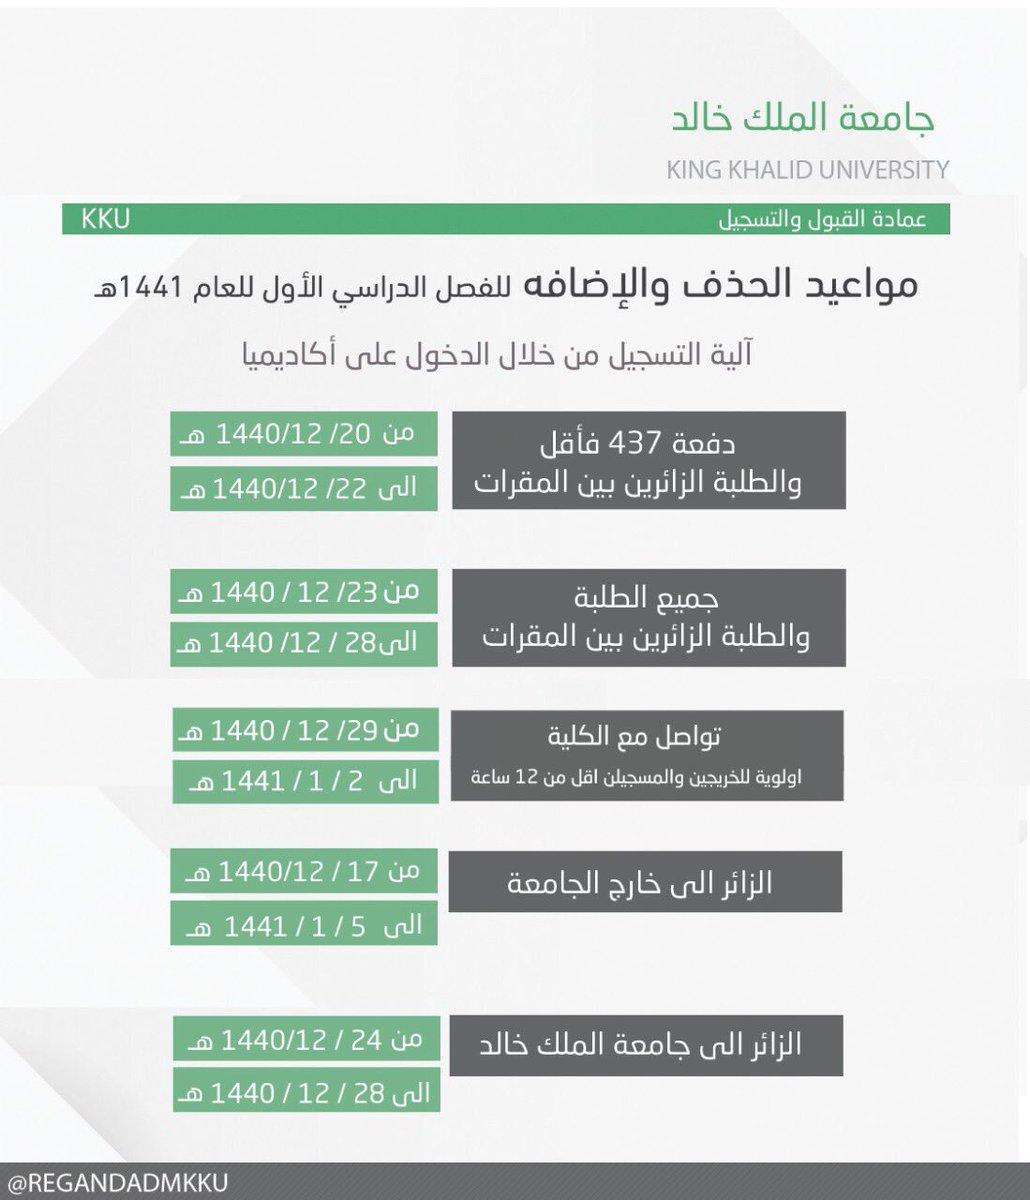 تسجيل دخول جامعة الملك خالد